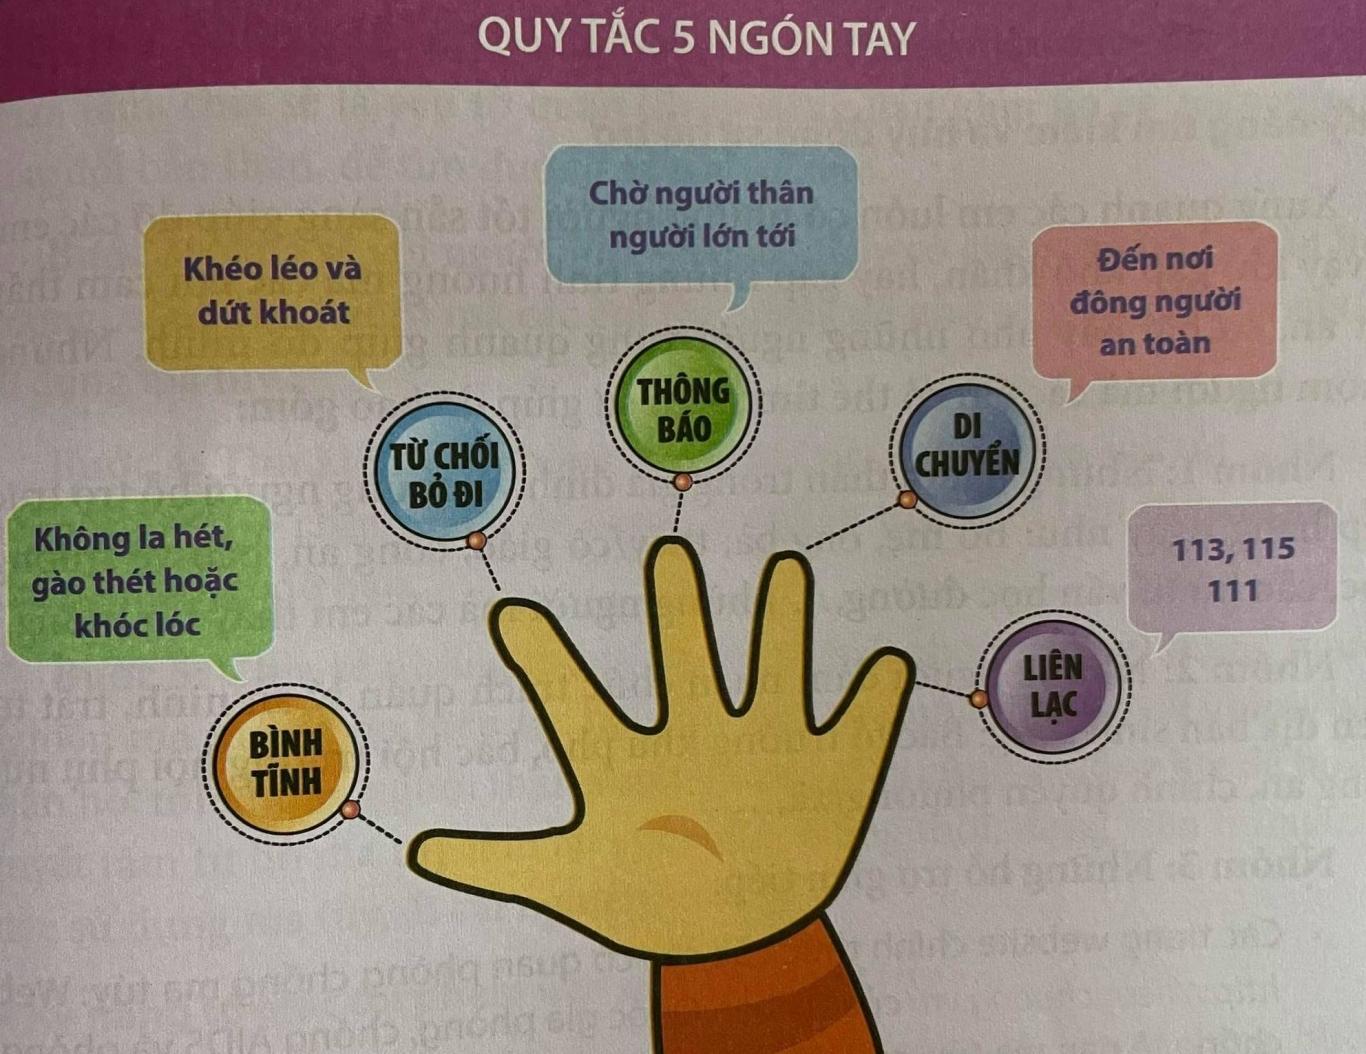 Quy tắc 5 ngón tay dành cho học sinh THCS